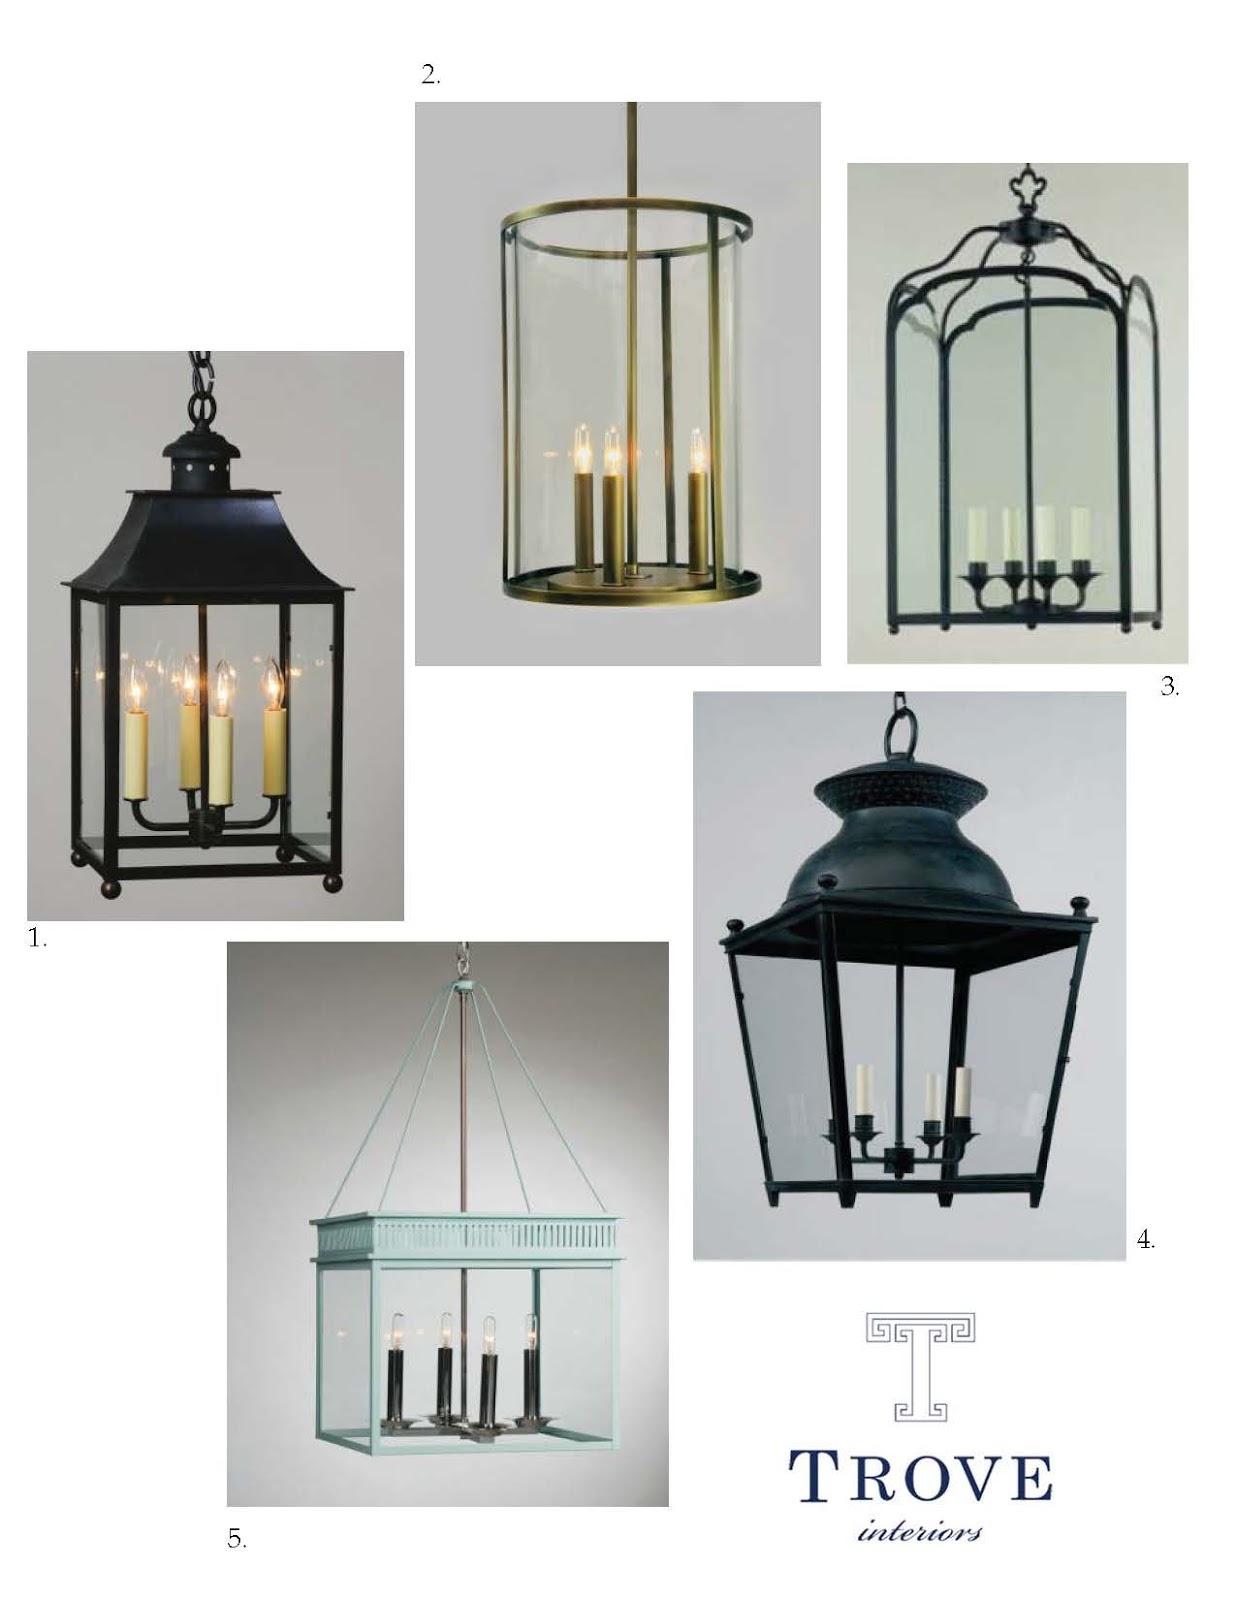 http://4.bp.blogspot.com/-NGI-Y-u1GQw/URkprevjjdI/AAAAAAAABL8/Pbn200I5gG4/s1600/Trove+Interiors_Lanterns.jpg